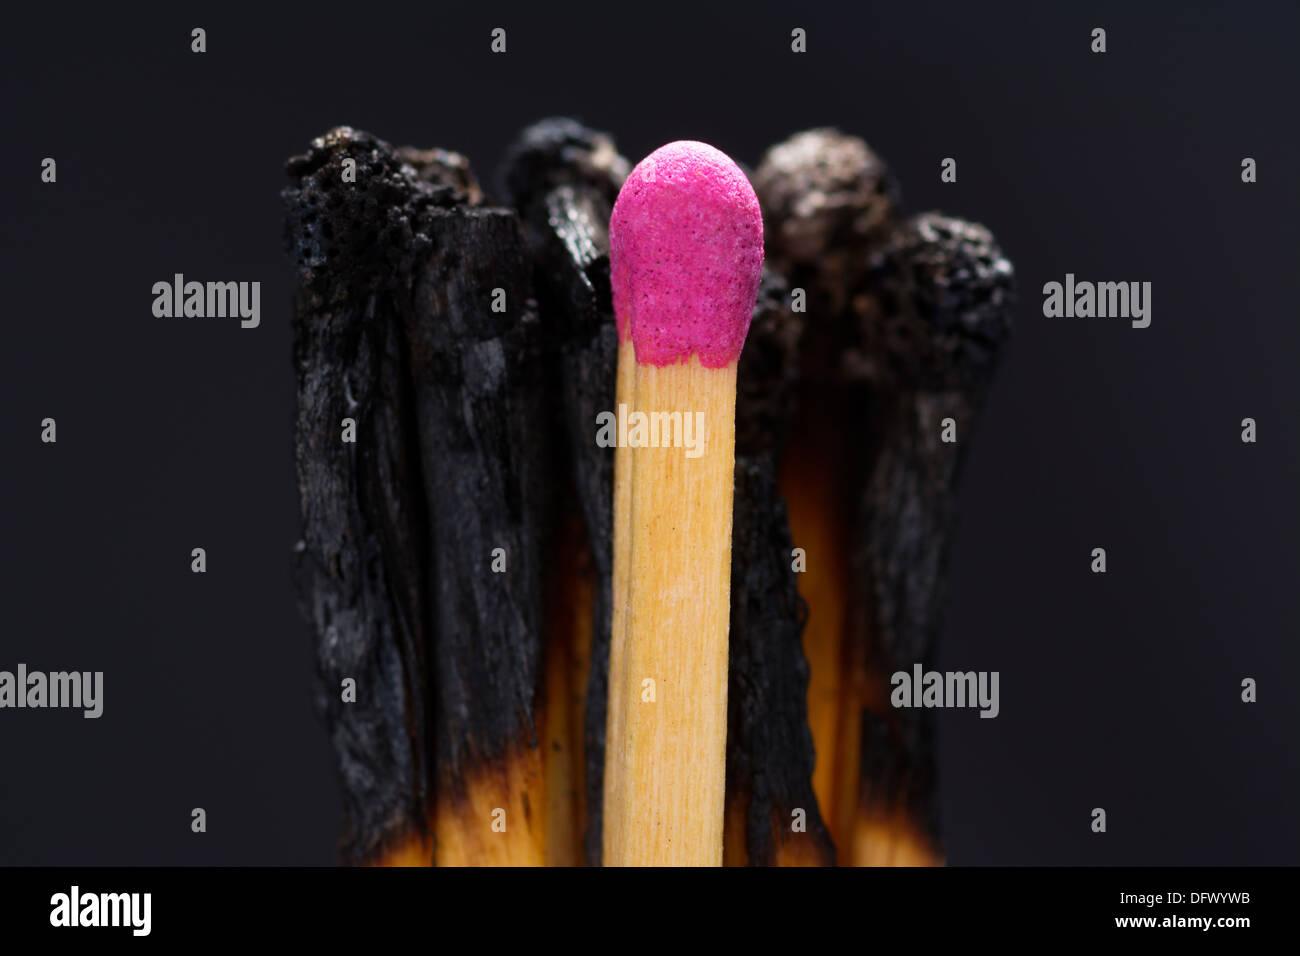 Konzept Foto zeigt ausgebrannt Spiele mit eine unberührte illustrieren die ausgebrannte heraus und Führung Geschäft Metapher Stockbild